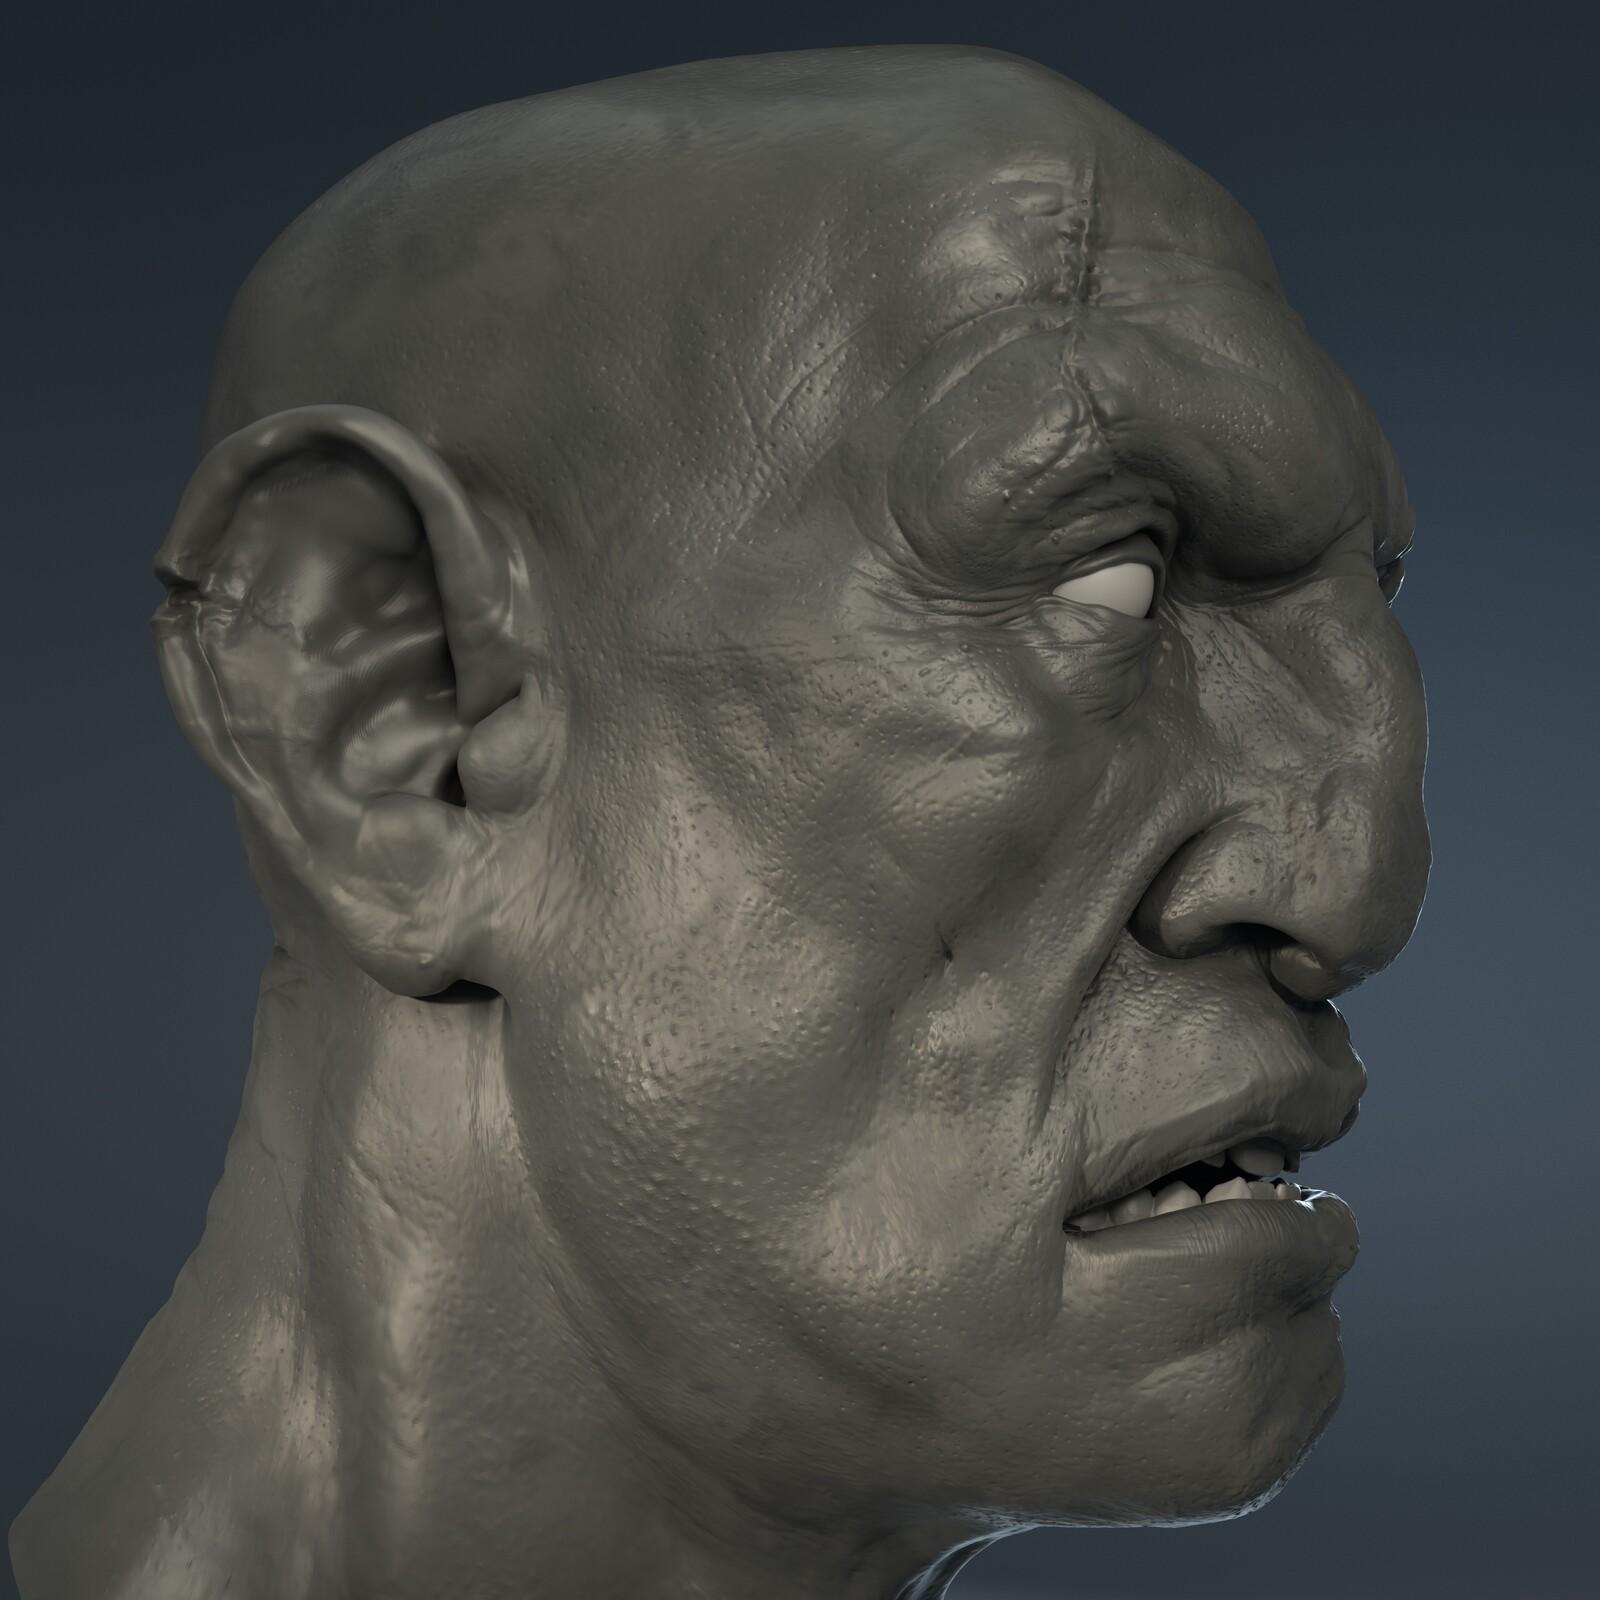 Giant Sculpt